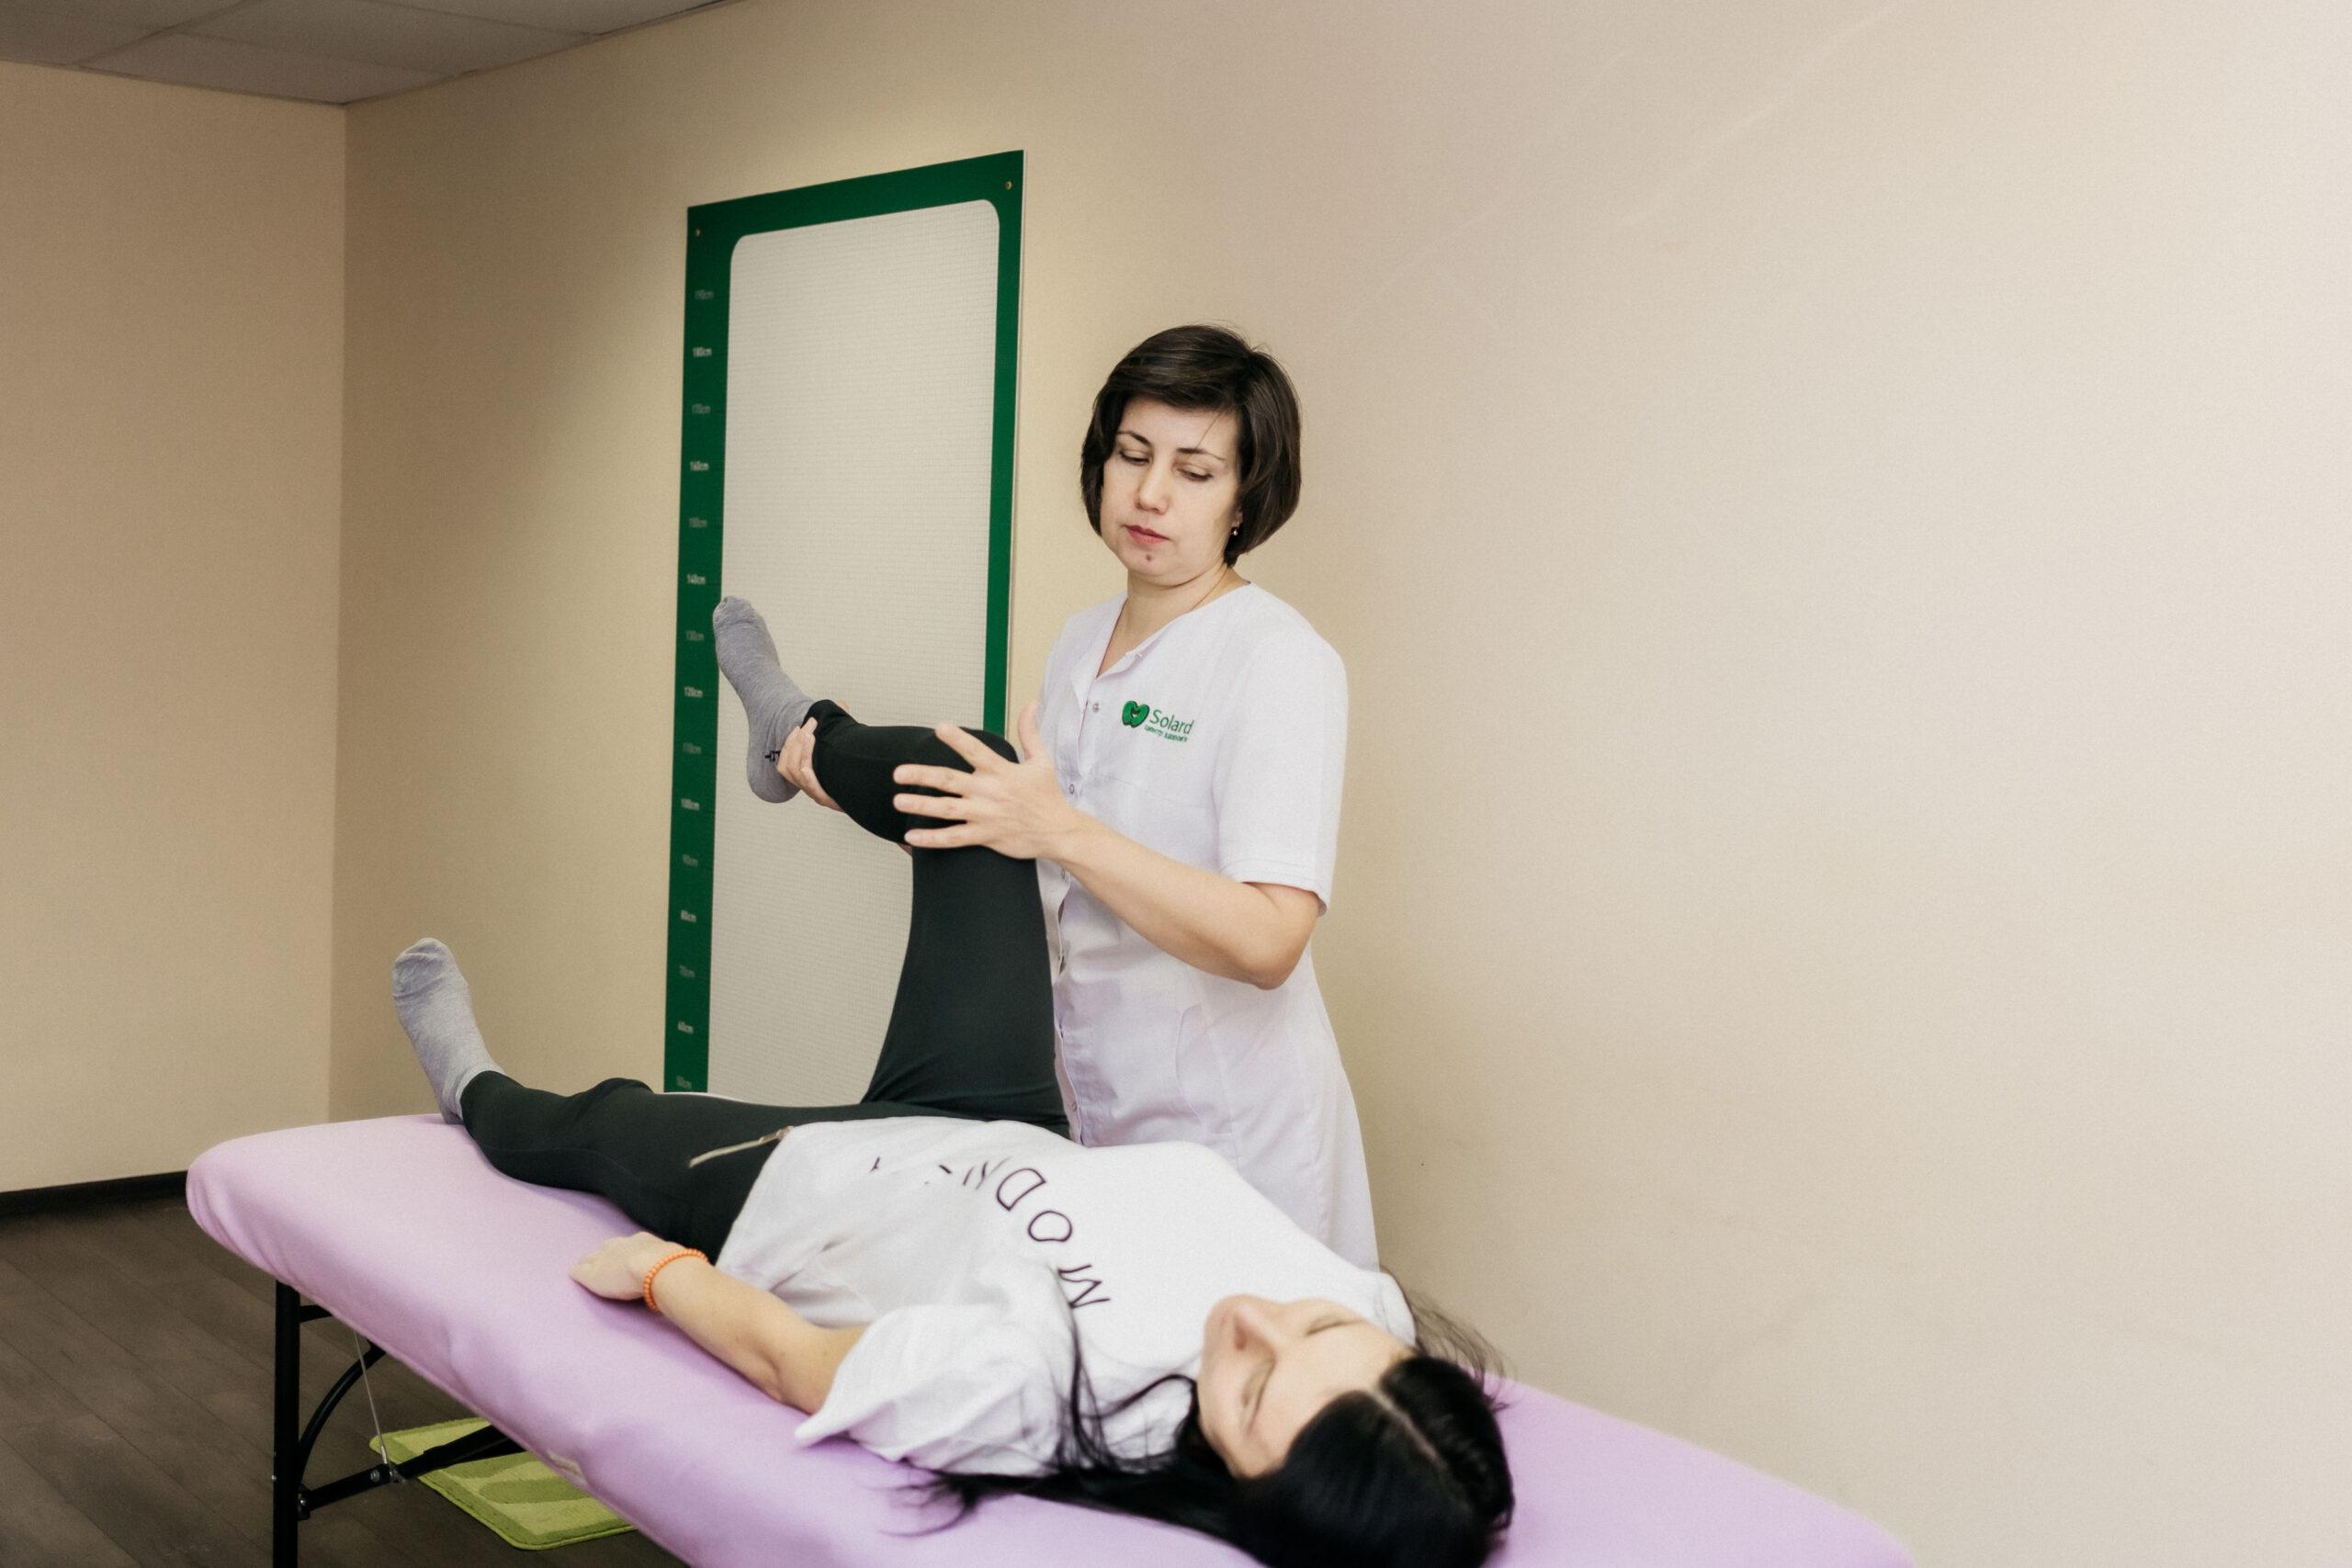 Центр здоров'я Solard - Нарушения работы мочеполовой системы - 7